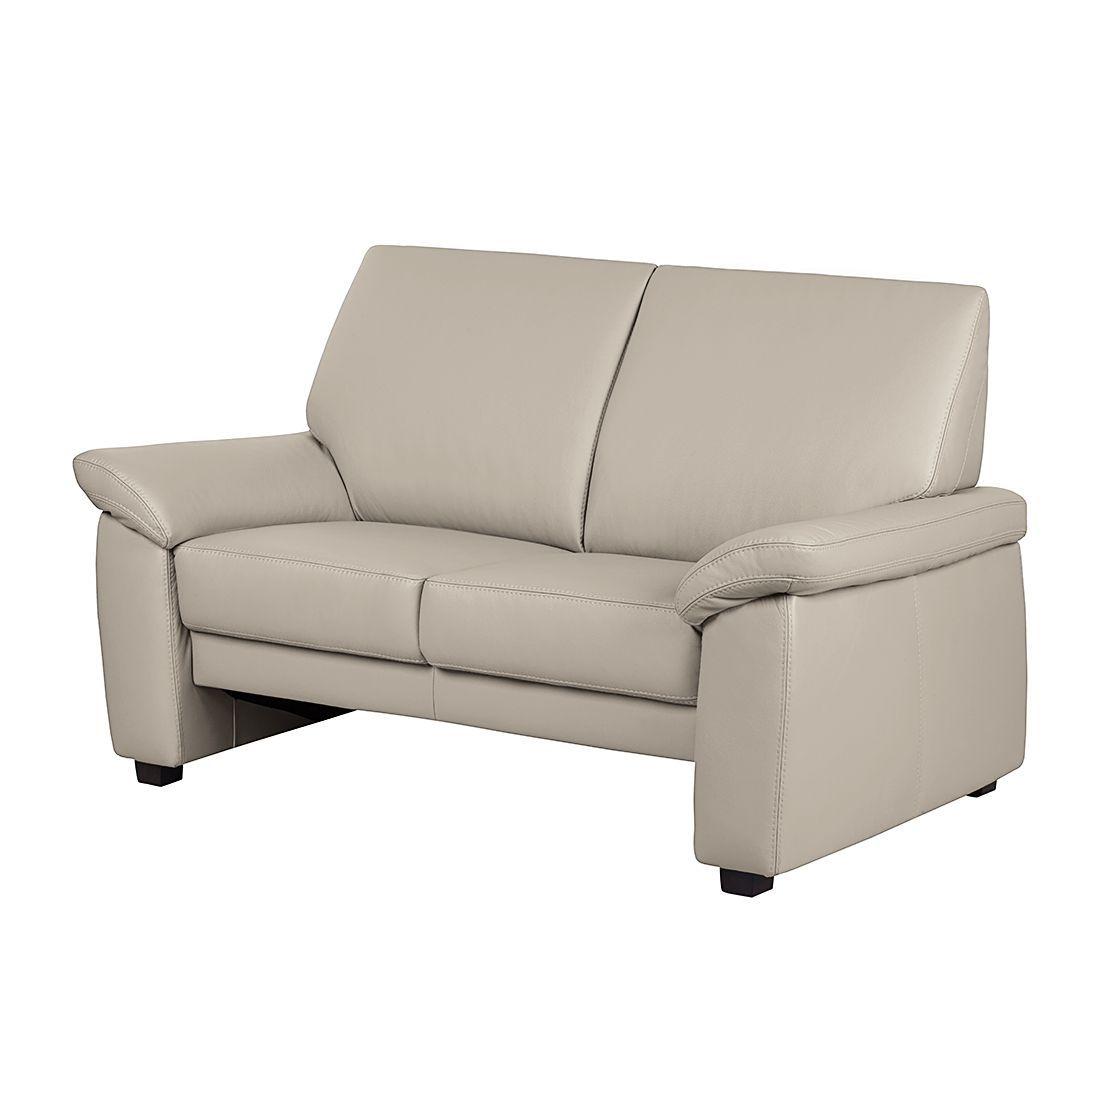 Sofa Grimsby 2 Sitzer Sofa Design Big Sofa Kaufen Sofa Leder